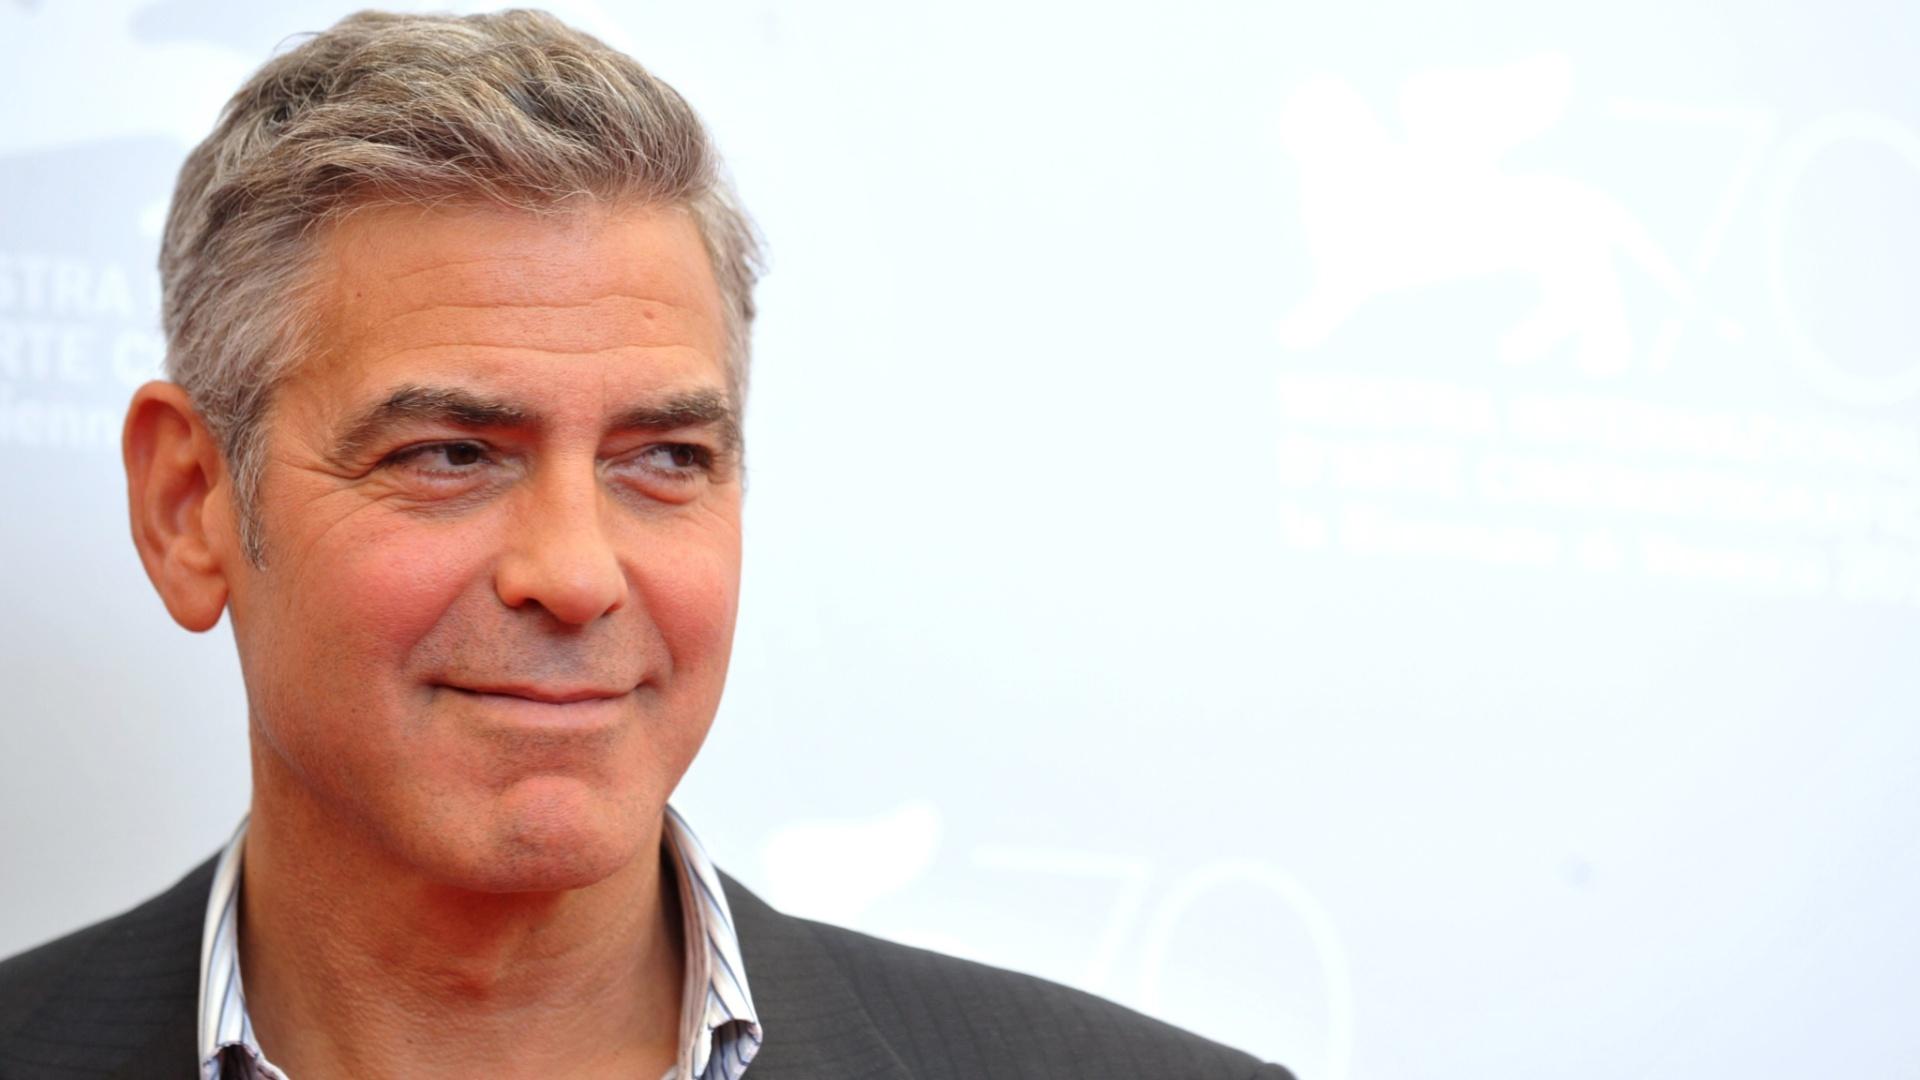 """28.ago.2013 - George Clooney divulgam filme """"Gravidade"""" no Festival de Veneza 2013. O ator fez elogios ao roteiro de """"Gravidade"""", assinado por Alfonso ... - 28ago2013---george-clooney-divulgam-filme-gravidade-no-festival-de-veneza-2013-o-ator-fez-elogios-ao-roteiro-de-gravidade-assinado-por-alfonso-cuaron-e-seu-filho-jonas-cuaron-nos-ultimos-50-1377698946503_1920x1080"""